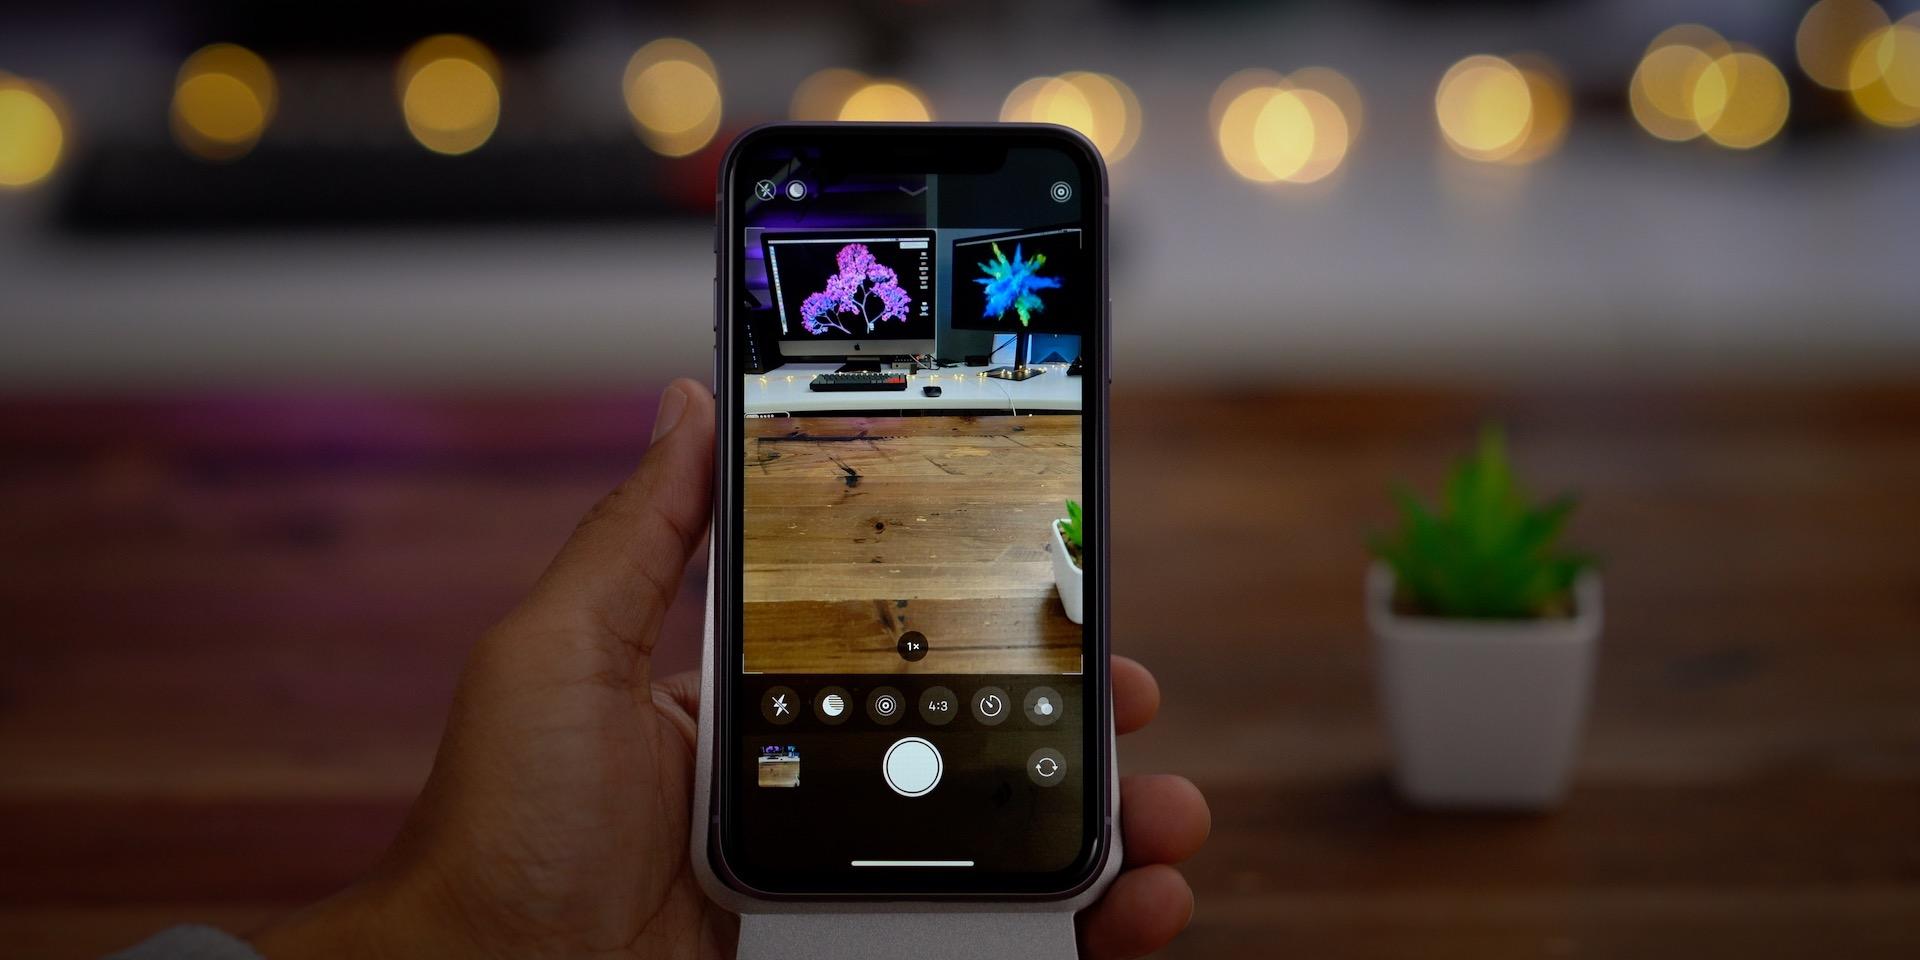 Redesigned Camera App UI iPhone 11